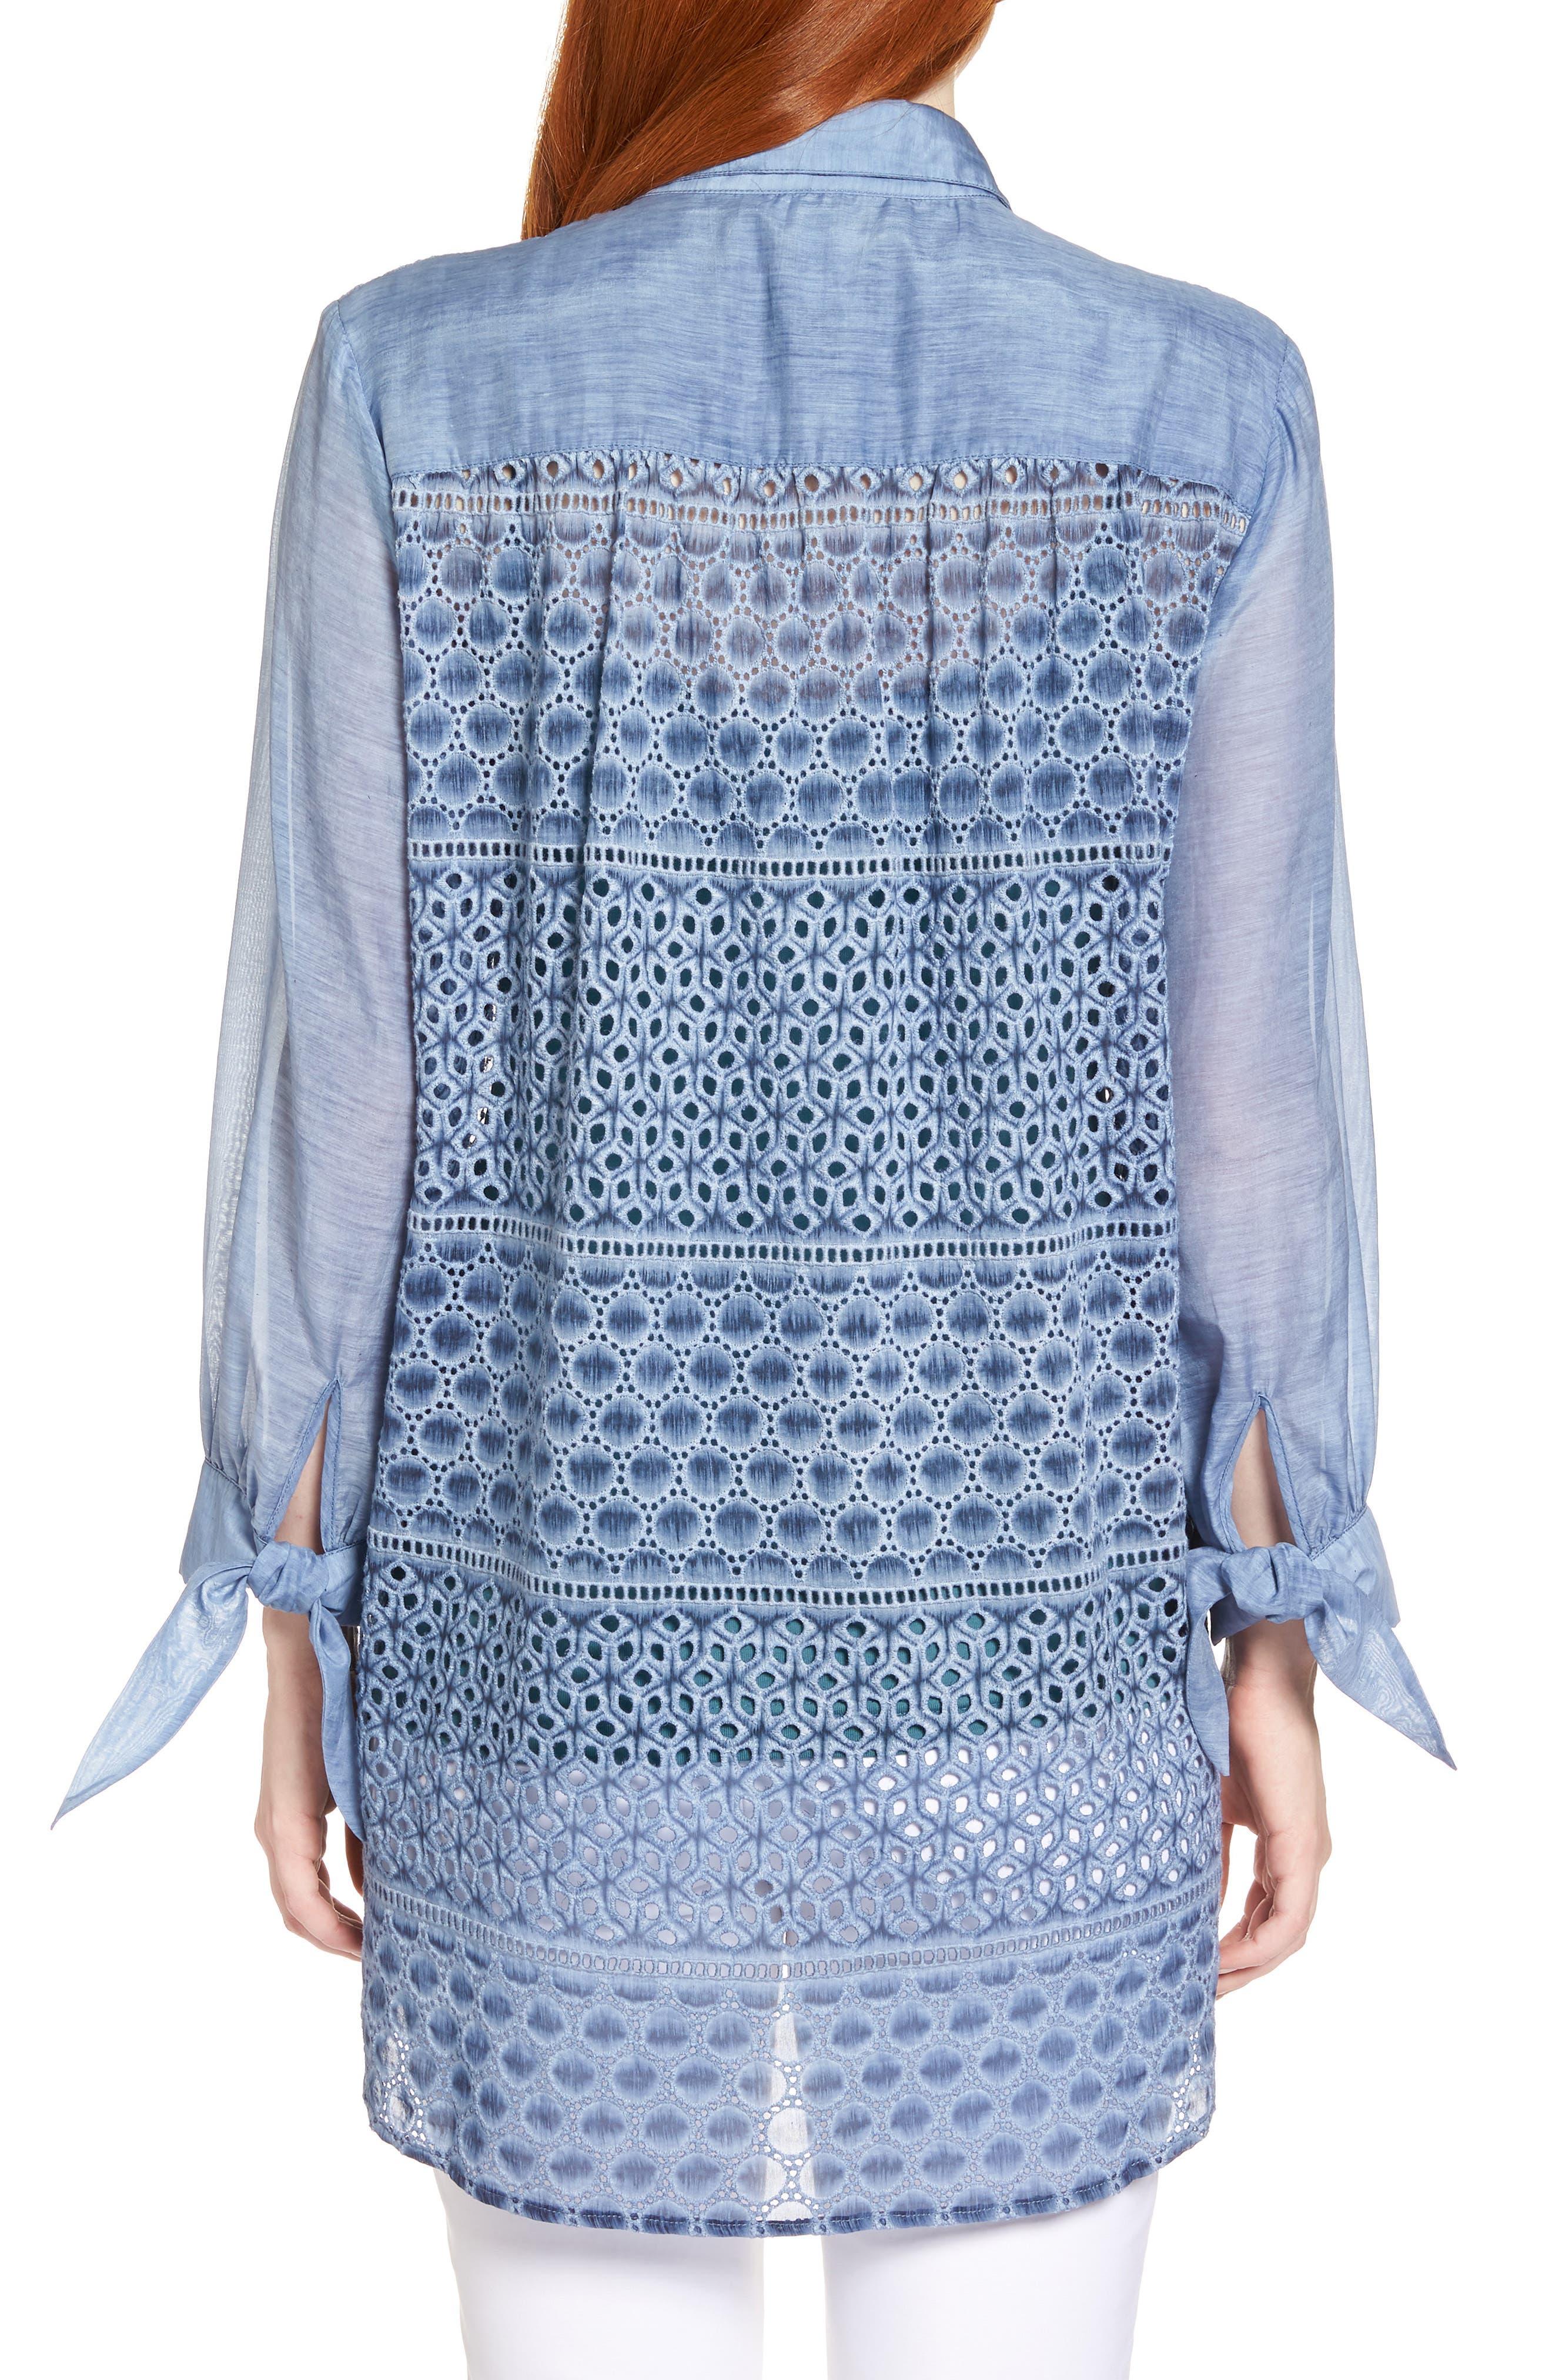 Mosaic Lace Cotton Silk Blouse,                             Alternate thumbnail 2, color,                             Mosaic Blue